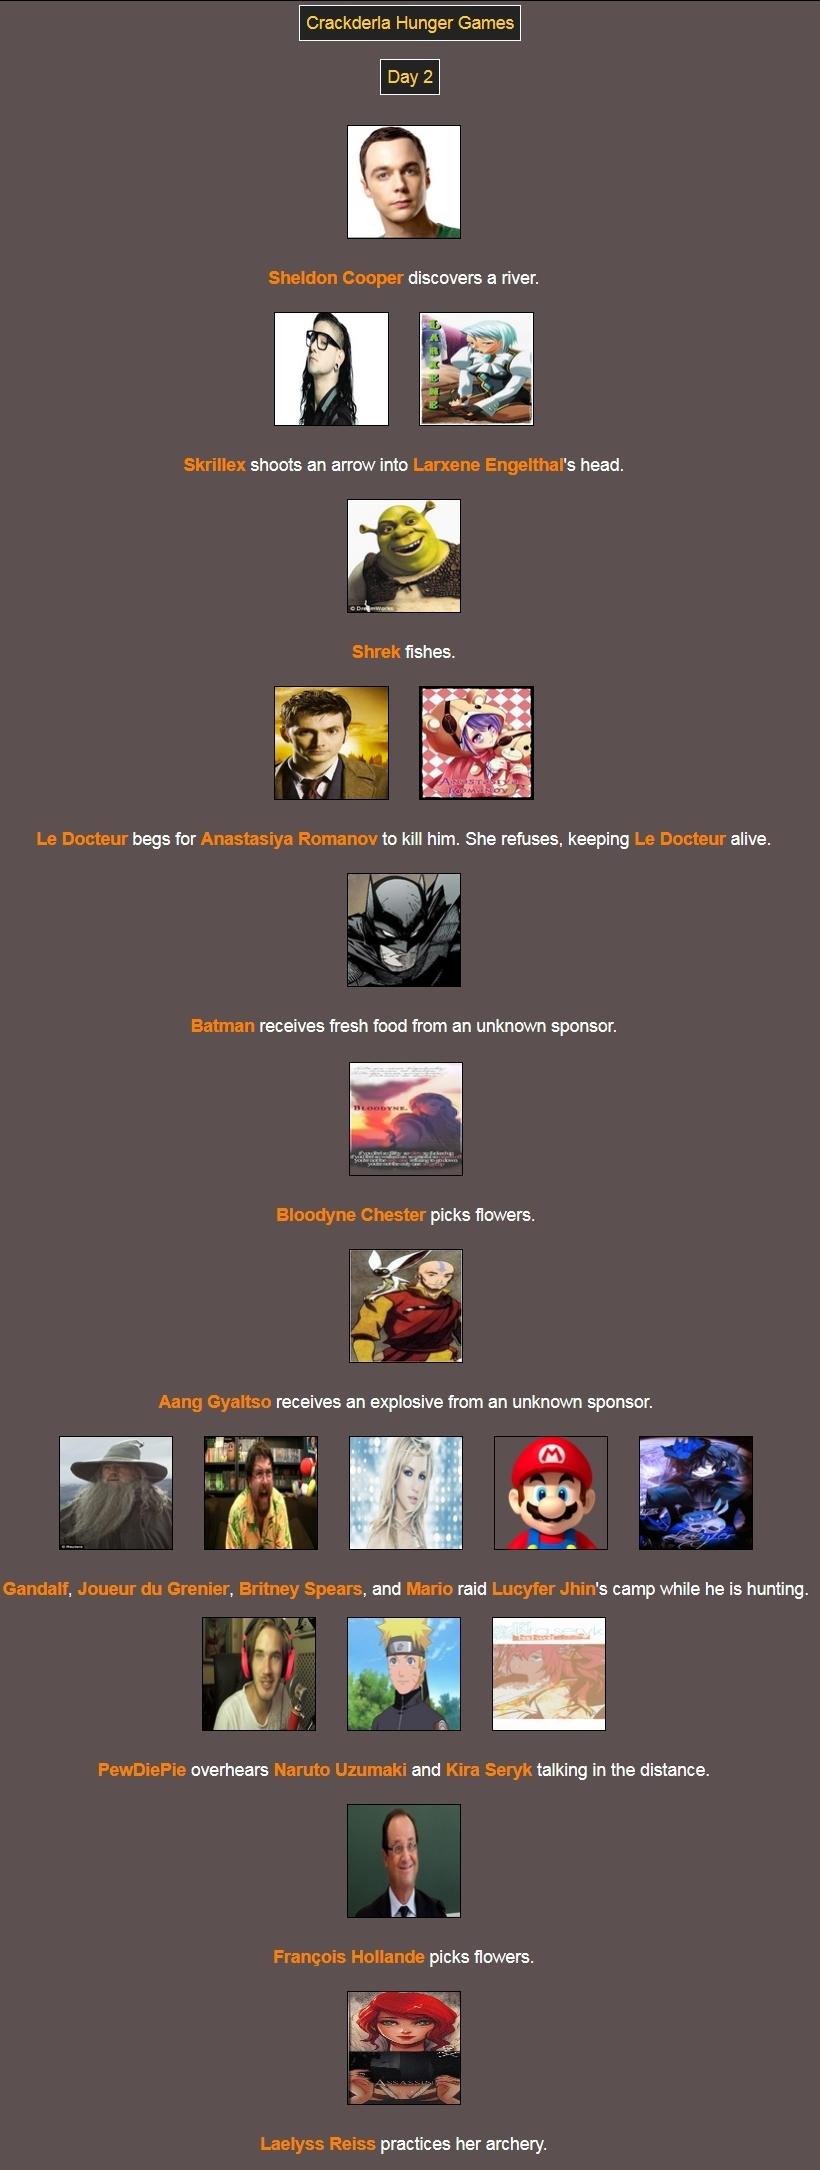 [Crackderla N°1] Hunger Games - Page 4 67760931Day2